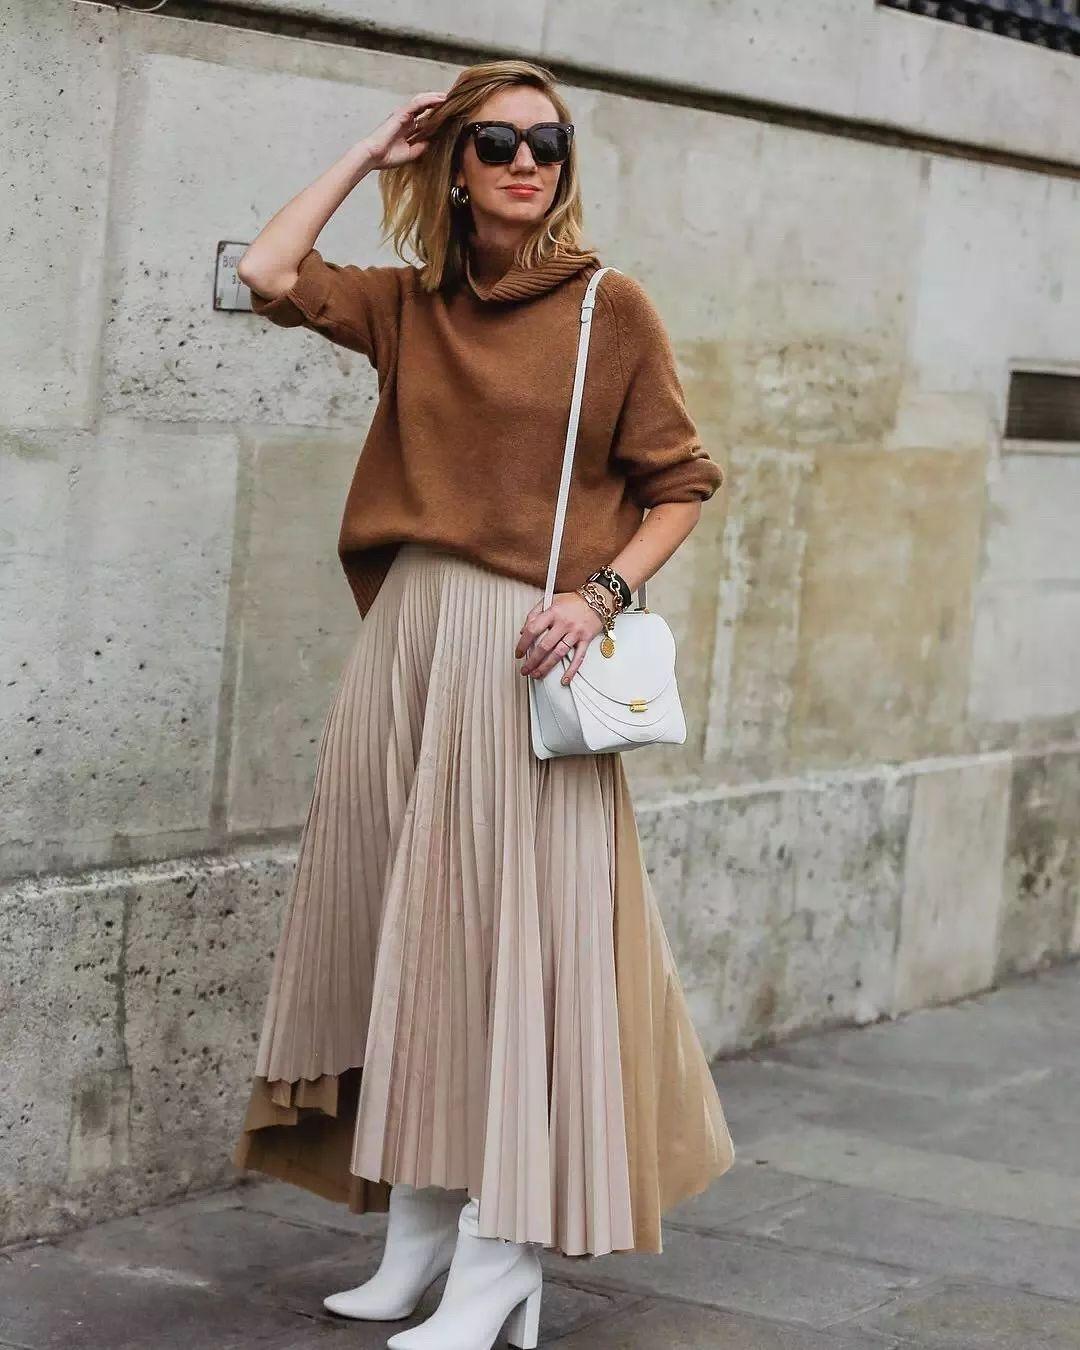 冬天≠土胖圆!get到半裙正确的穿搭方法,不仅时髦显瘦还巨巨巨保暖!